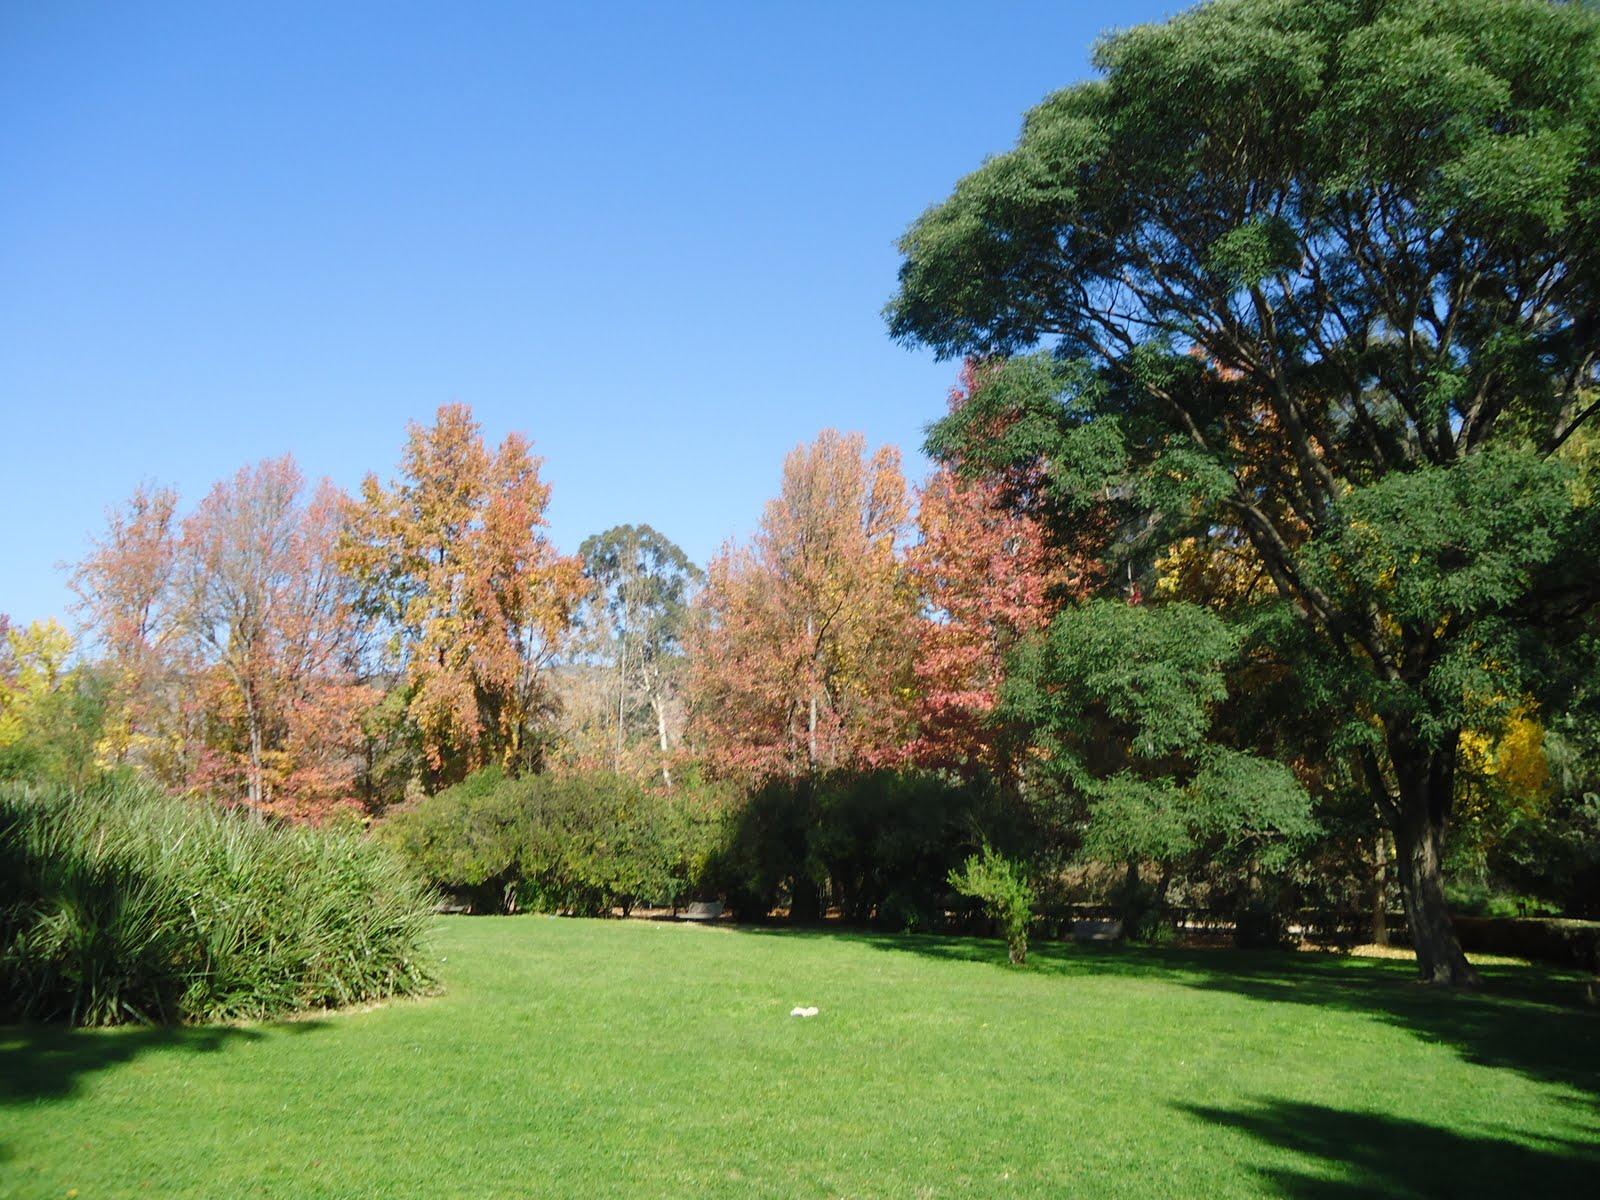 Desde el sur del mundo caminata oto al en el jard n for Jardin botanico vina